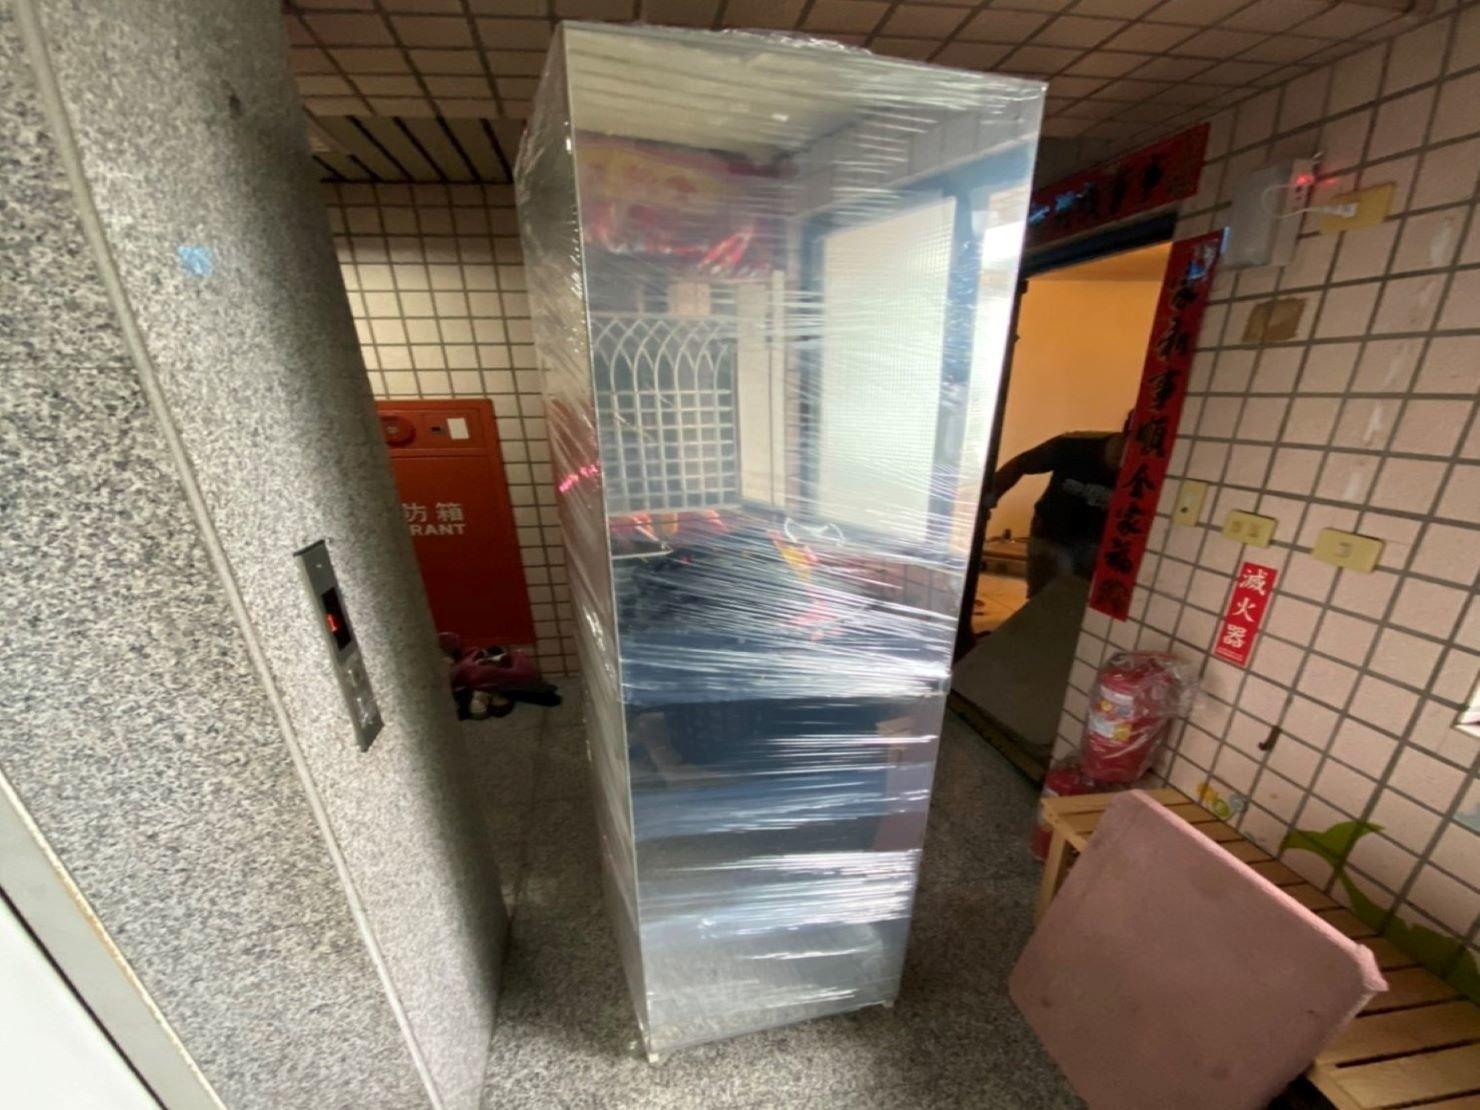 中大型家具搬運【榮福搬家】專業服務值得您的選擇:IKEA衣櫃包裝及搬運-以膠膜反覆綑繞,防磨損及刮傷